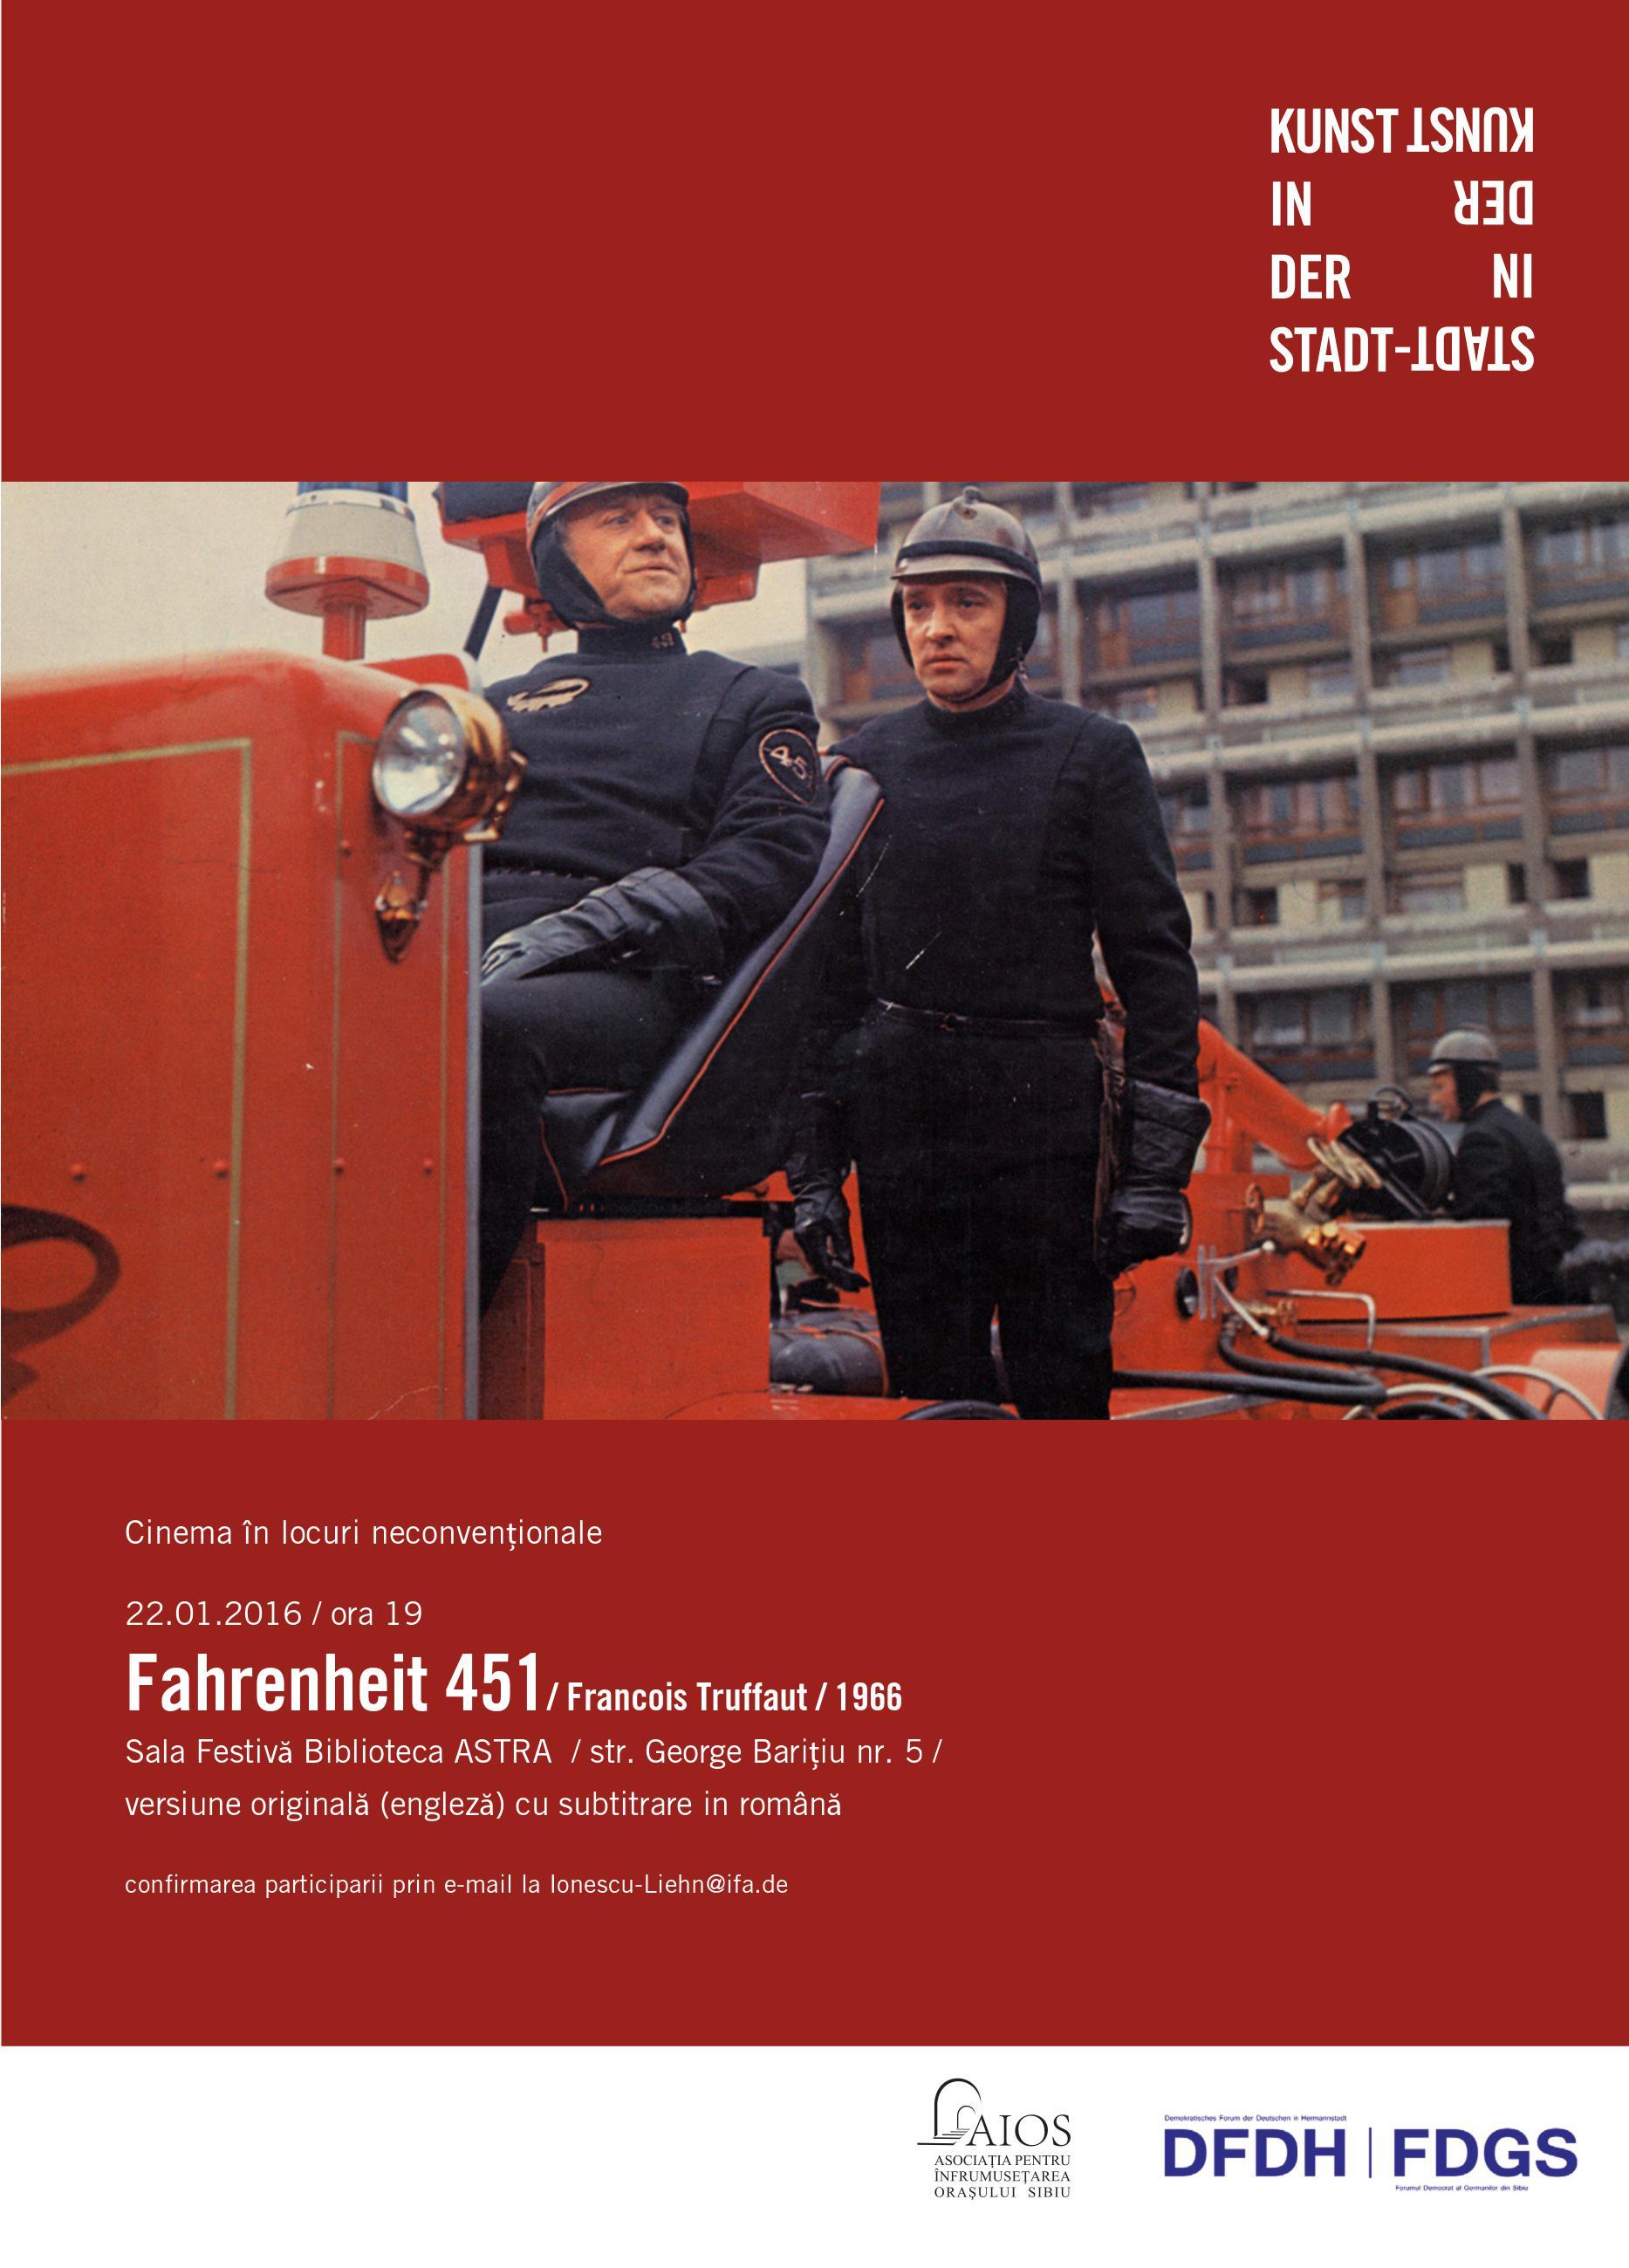 Fahrenheit 451 la Cinema în locuri neconvenţionale